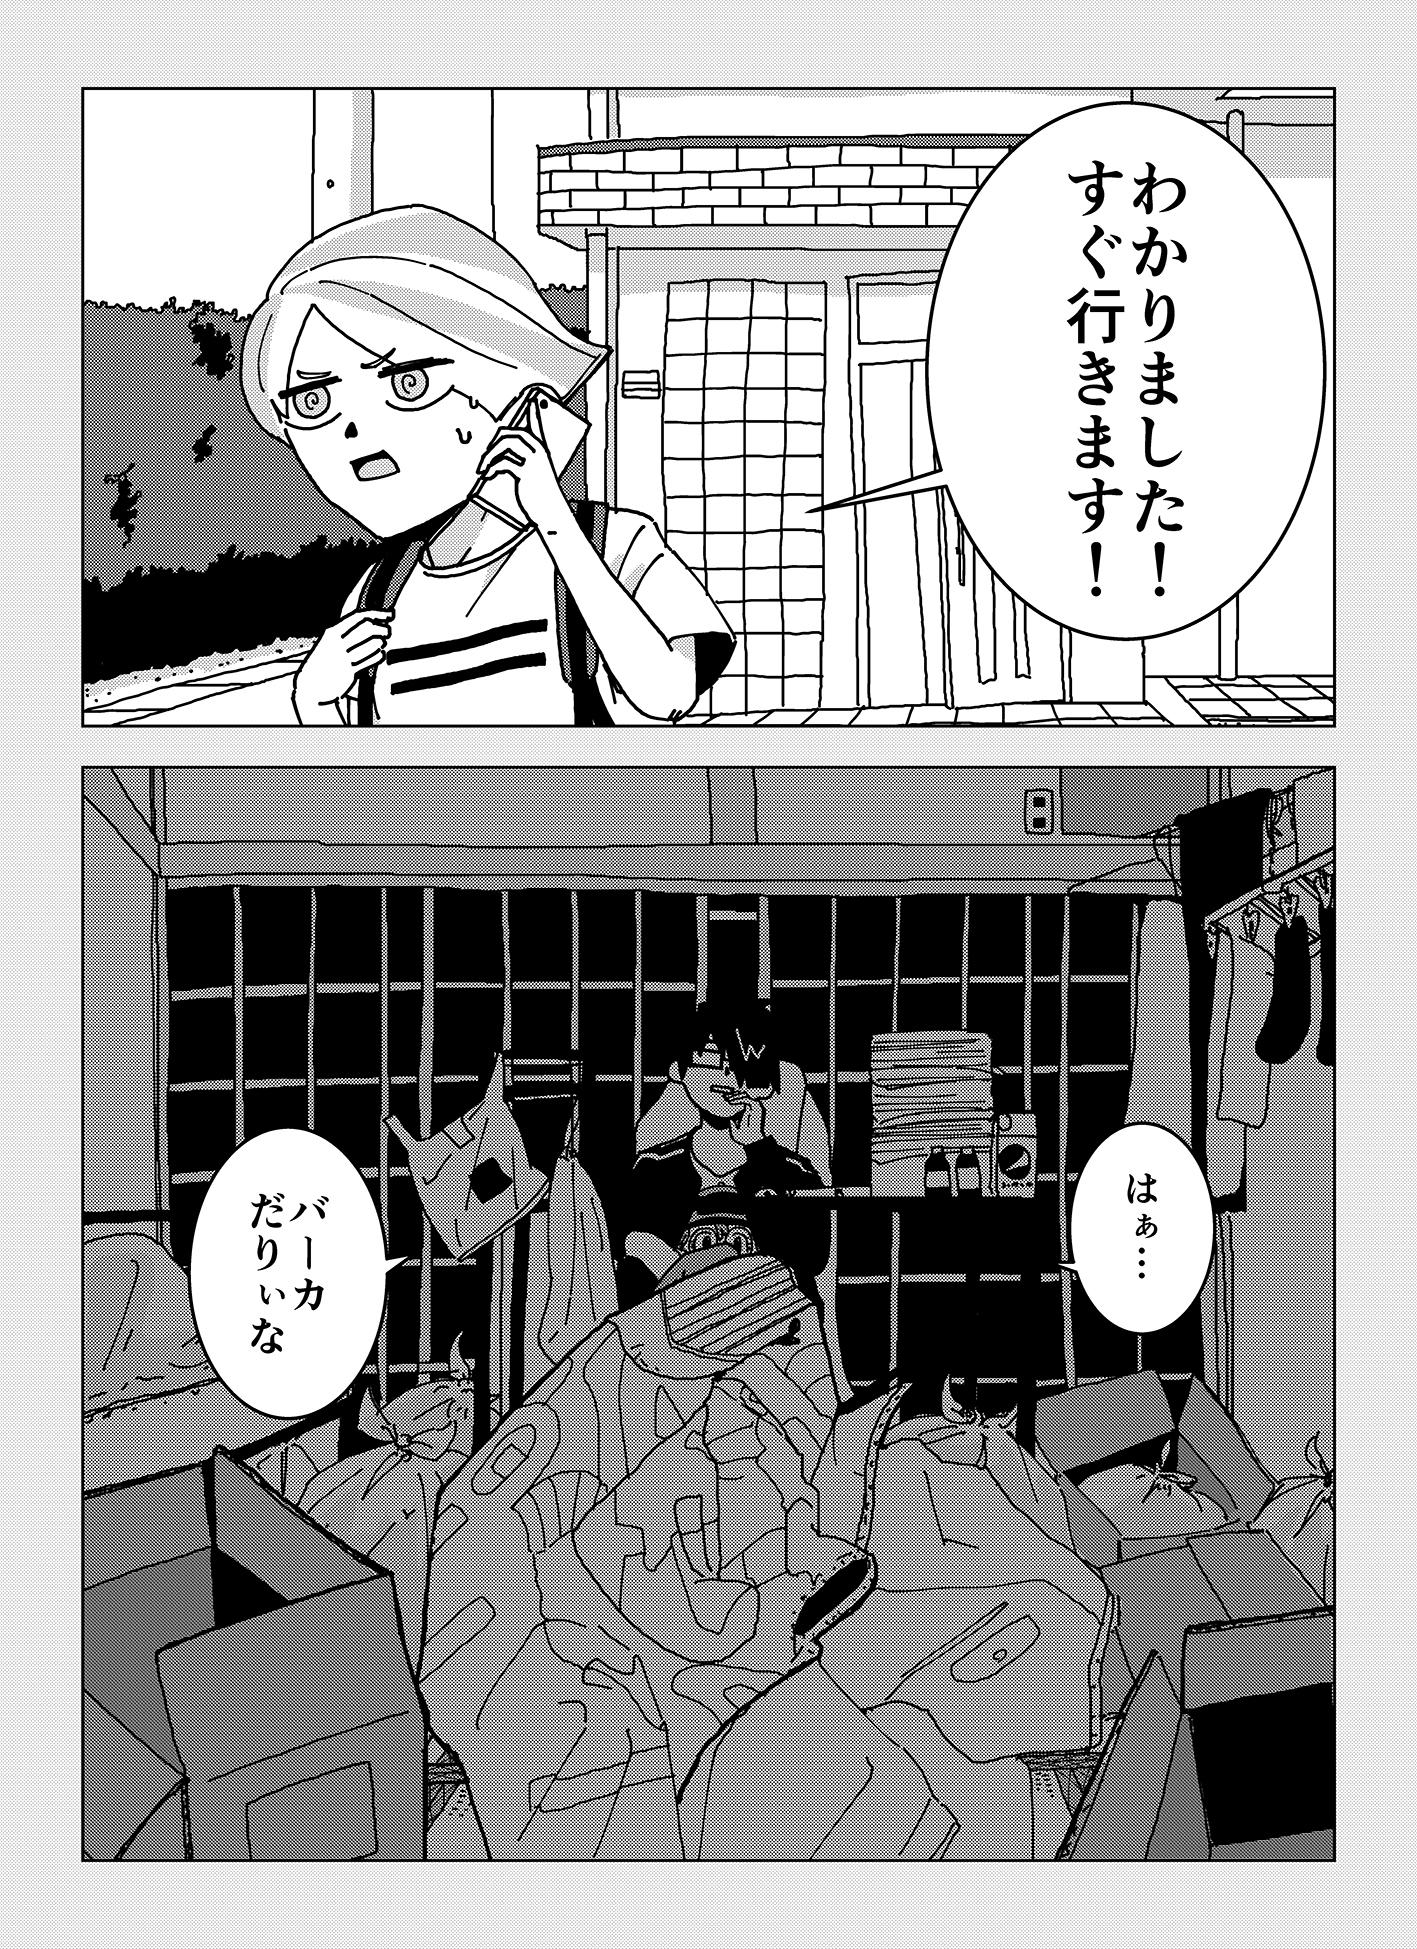 share06_010